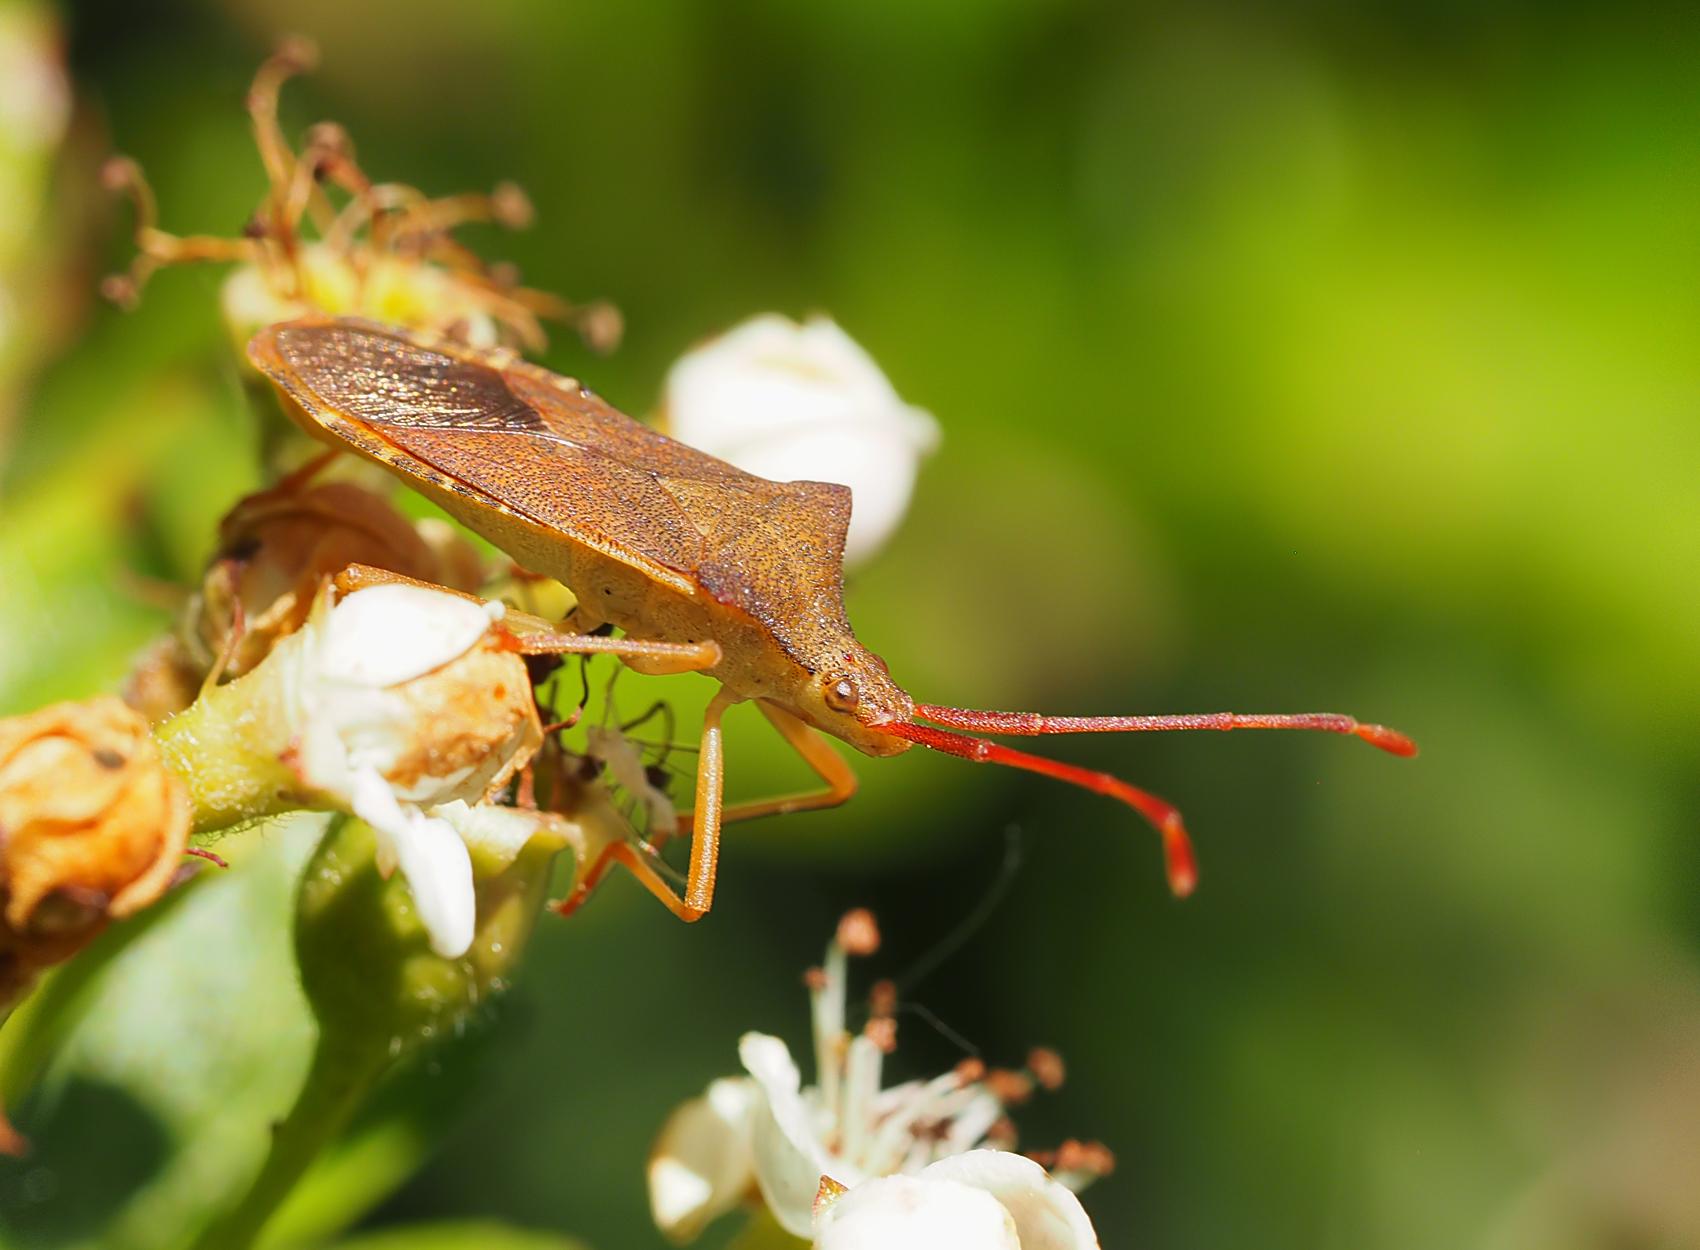 Lederwanze01 (Coreus marginatus)